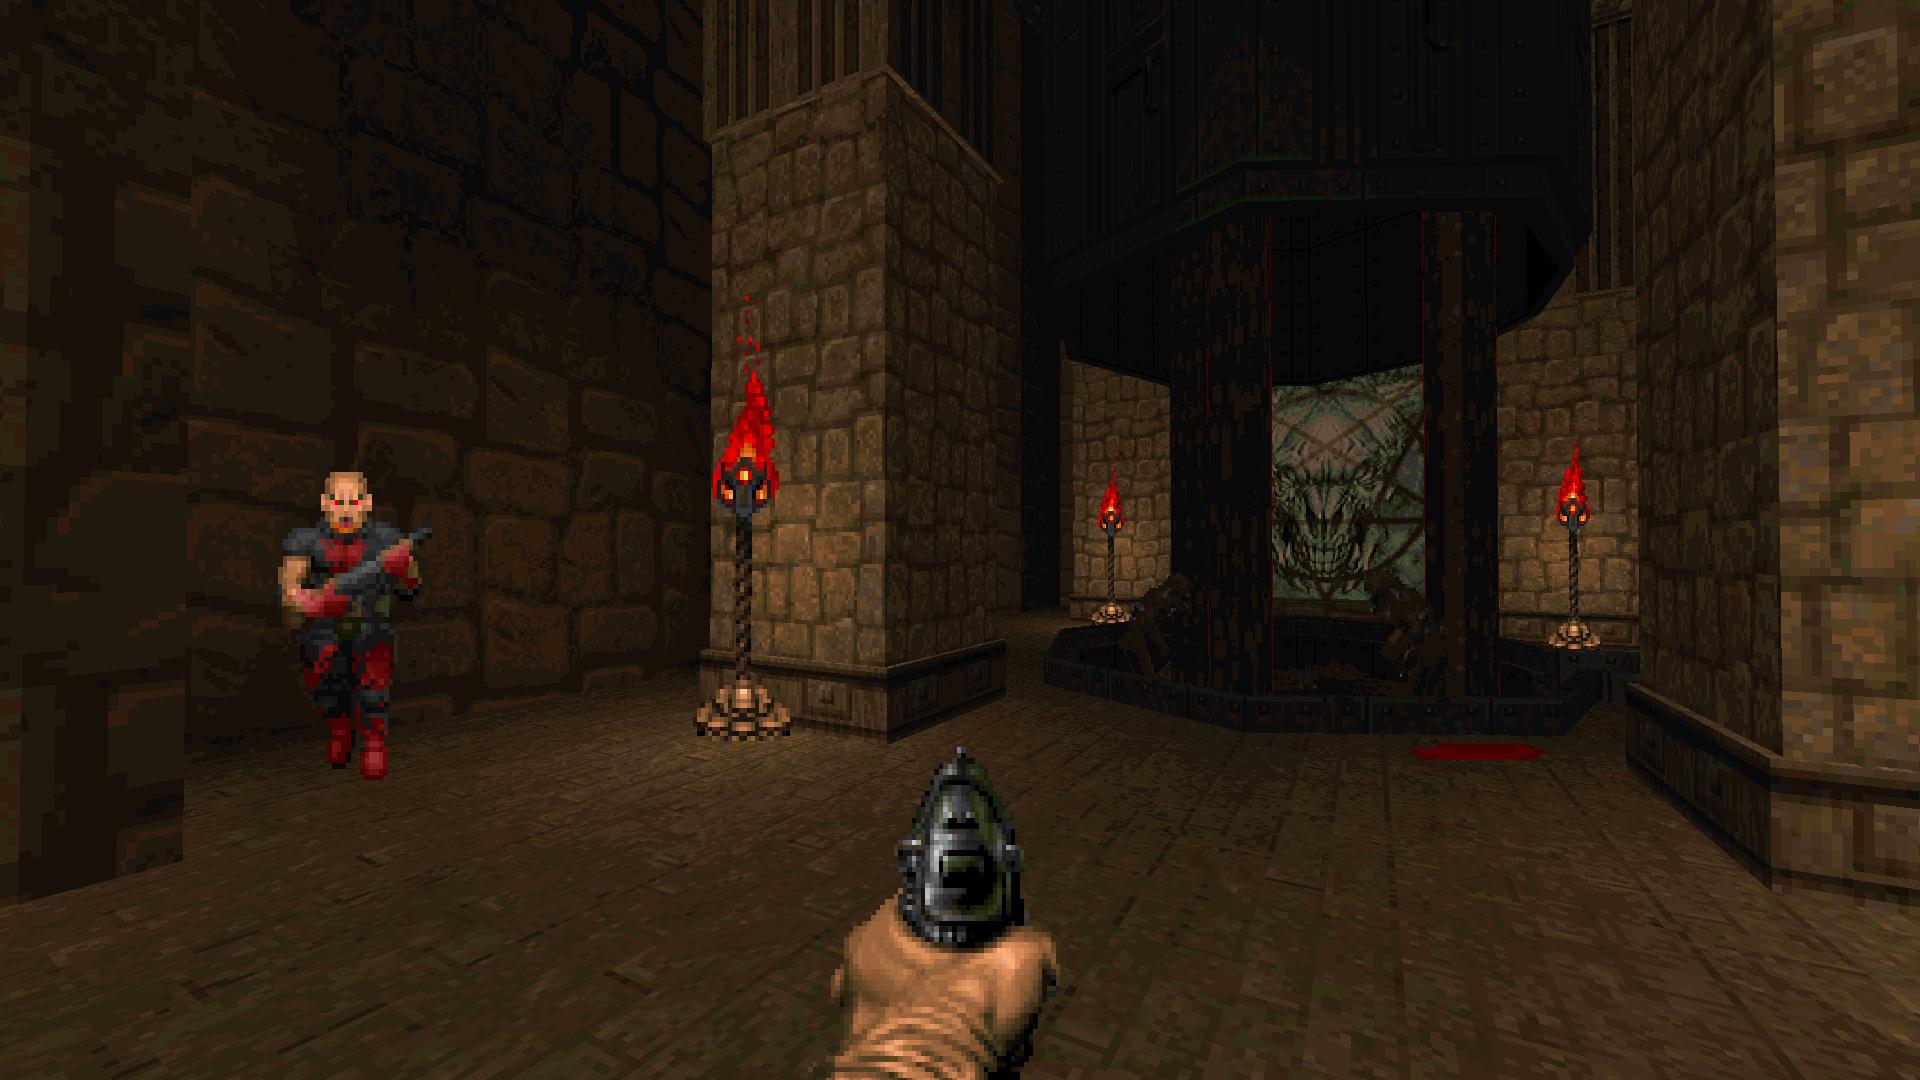 Screenshot_Doom_20200504_205639.png.9376f8efca80a28b711b36546a923e53.png